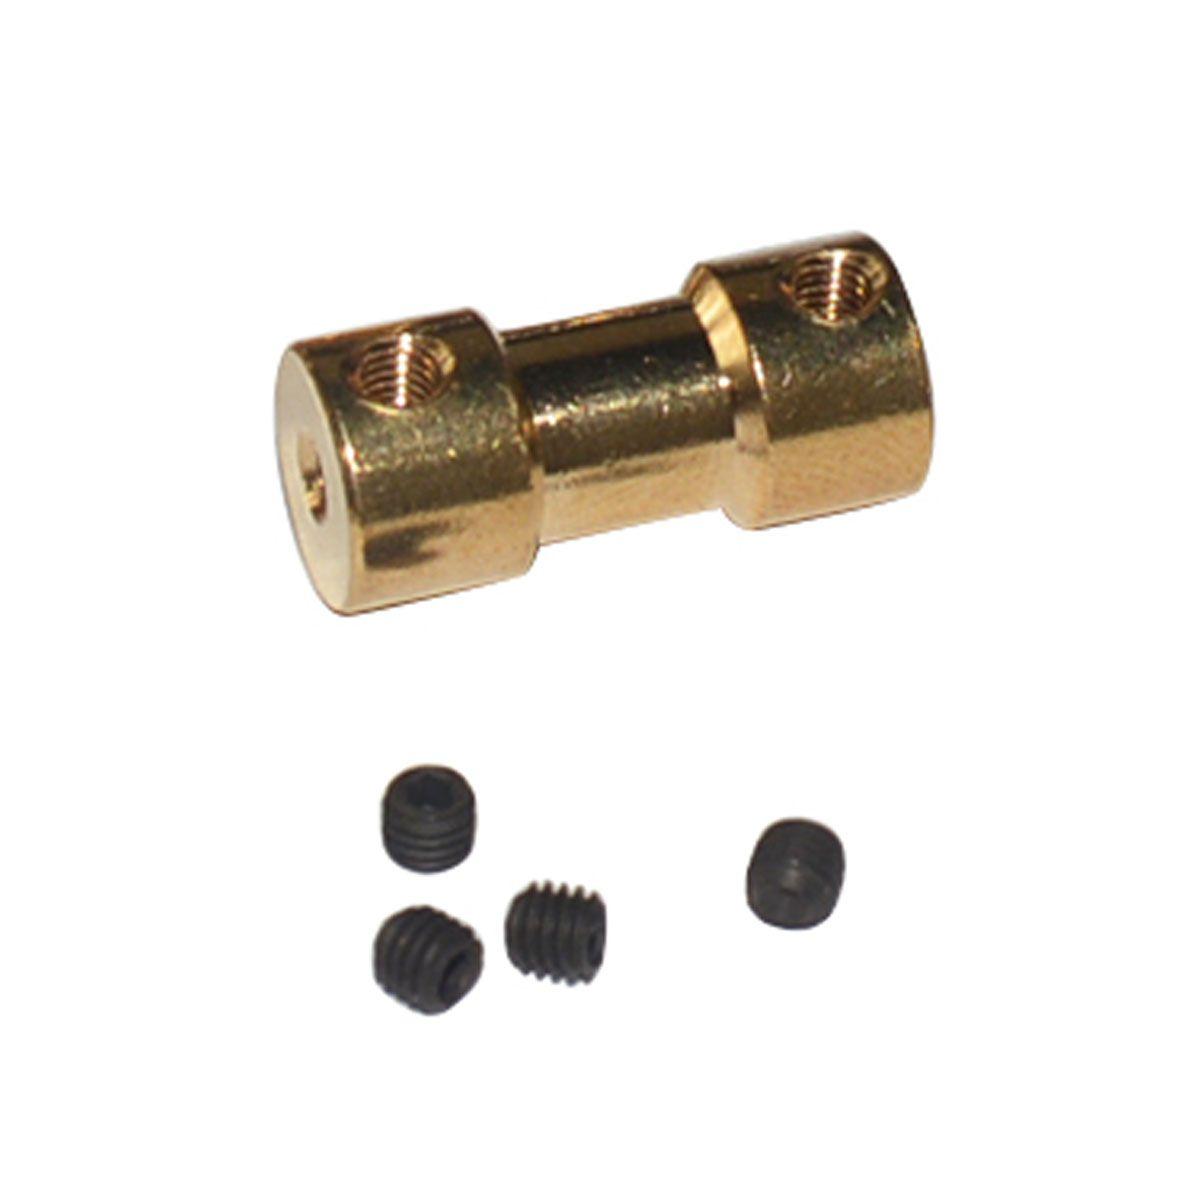 Acoplador de Latão para Motor eixo 3,175mm em ambos os lados